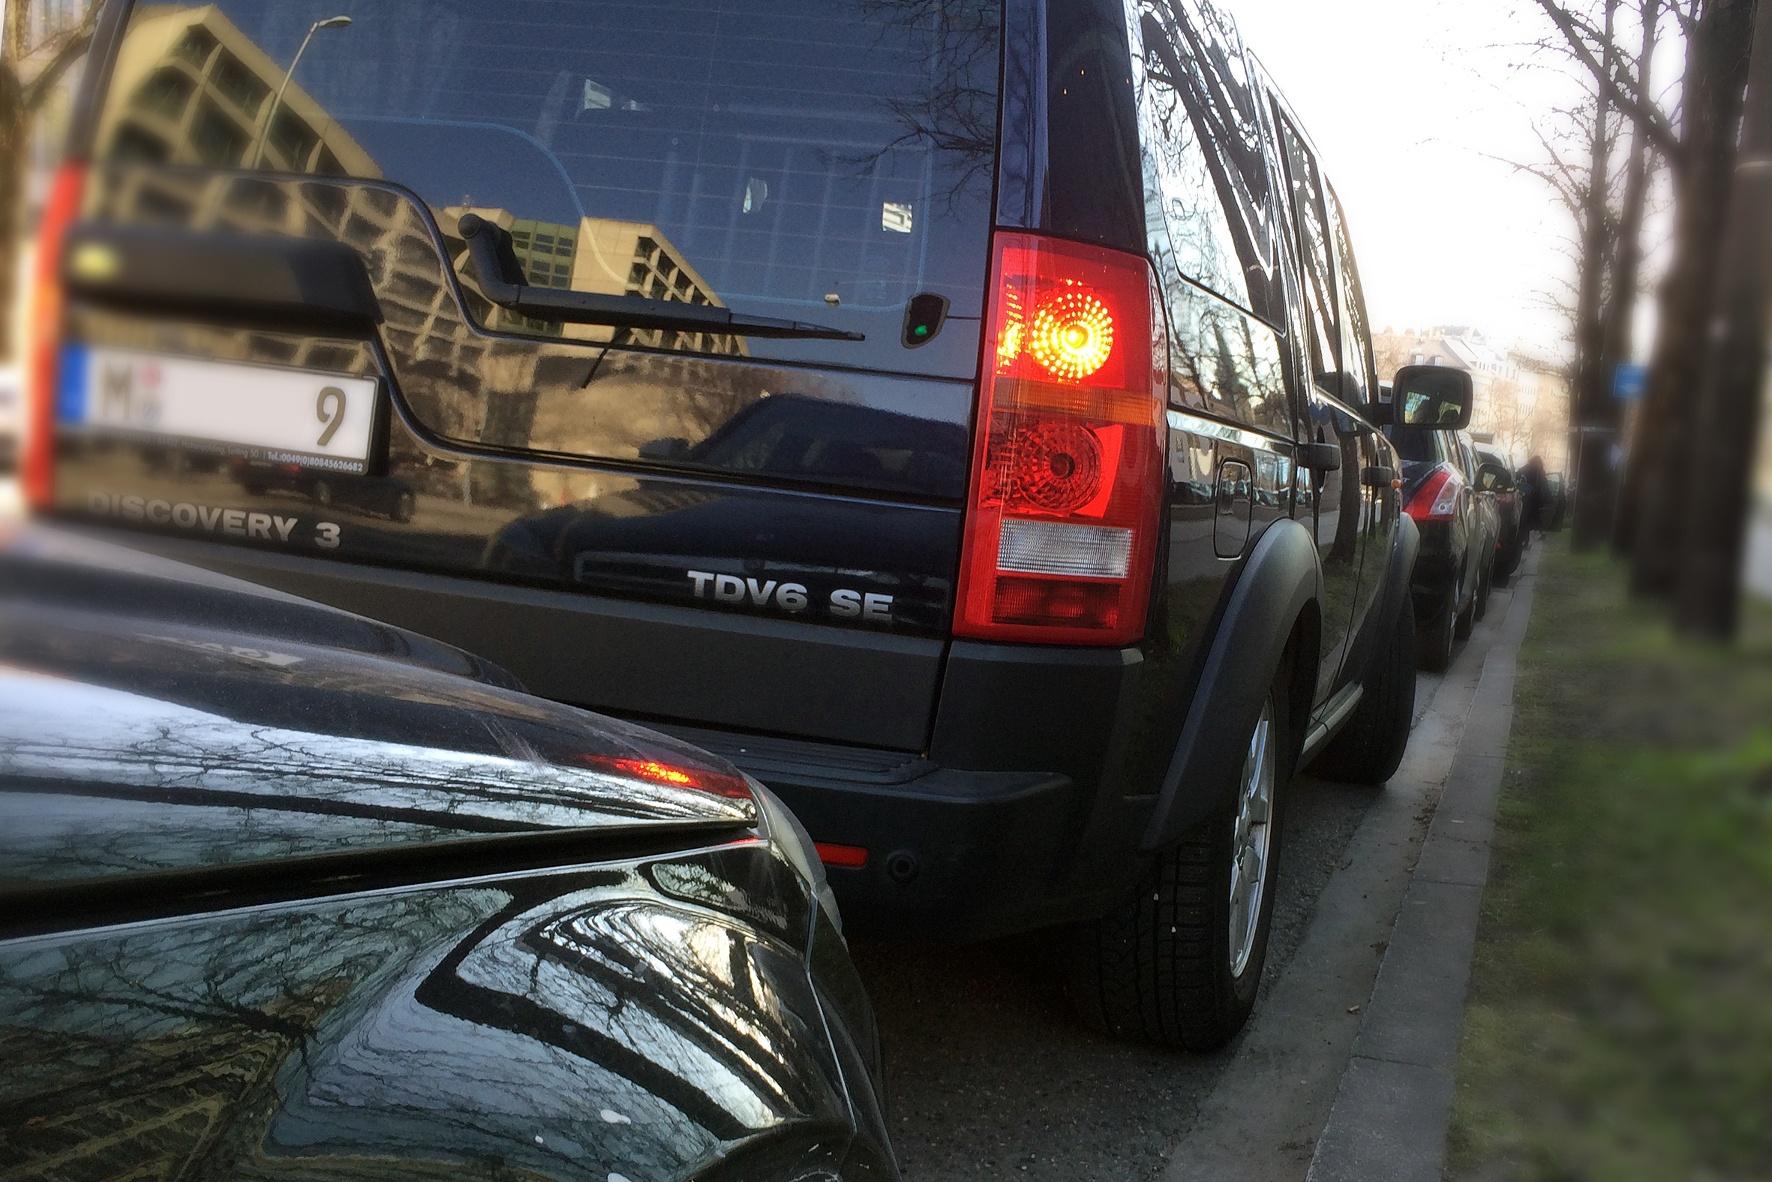 Parkplatzsuche in Großstädten ein Dauerstress